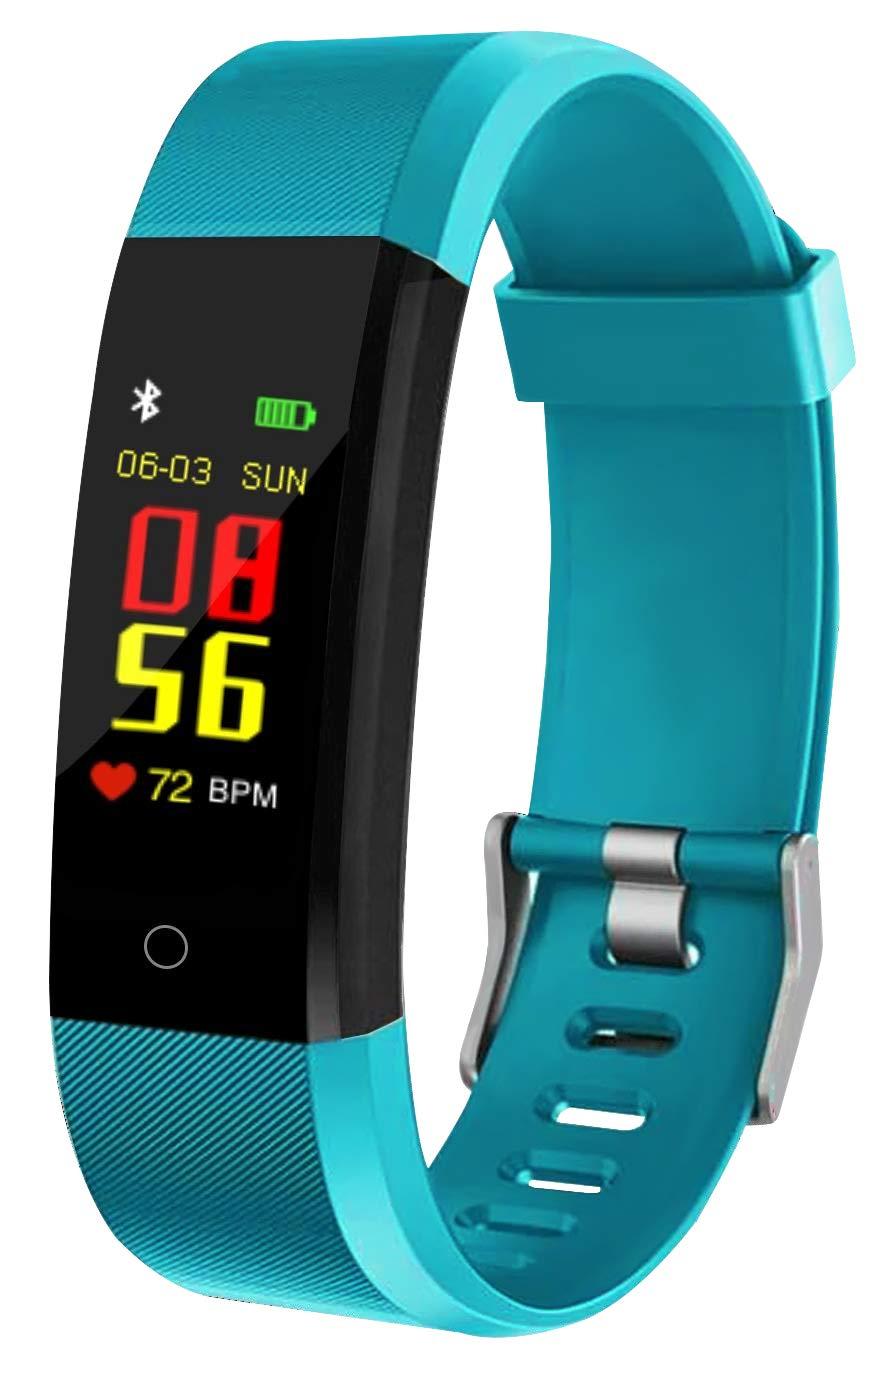 Pulsera inteligente Bluetooth fitness Tracker pantalla de color IP67 impermeable con frecuencia cardíaca, presión arterial, medición de oxígeno en la sangre, registro de deportes, Foto remota,A